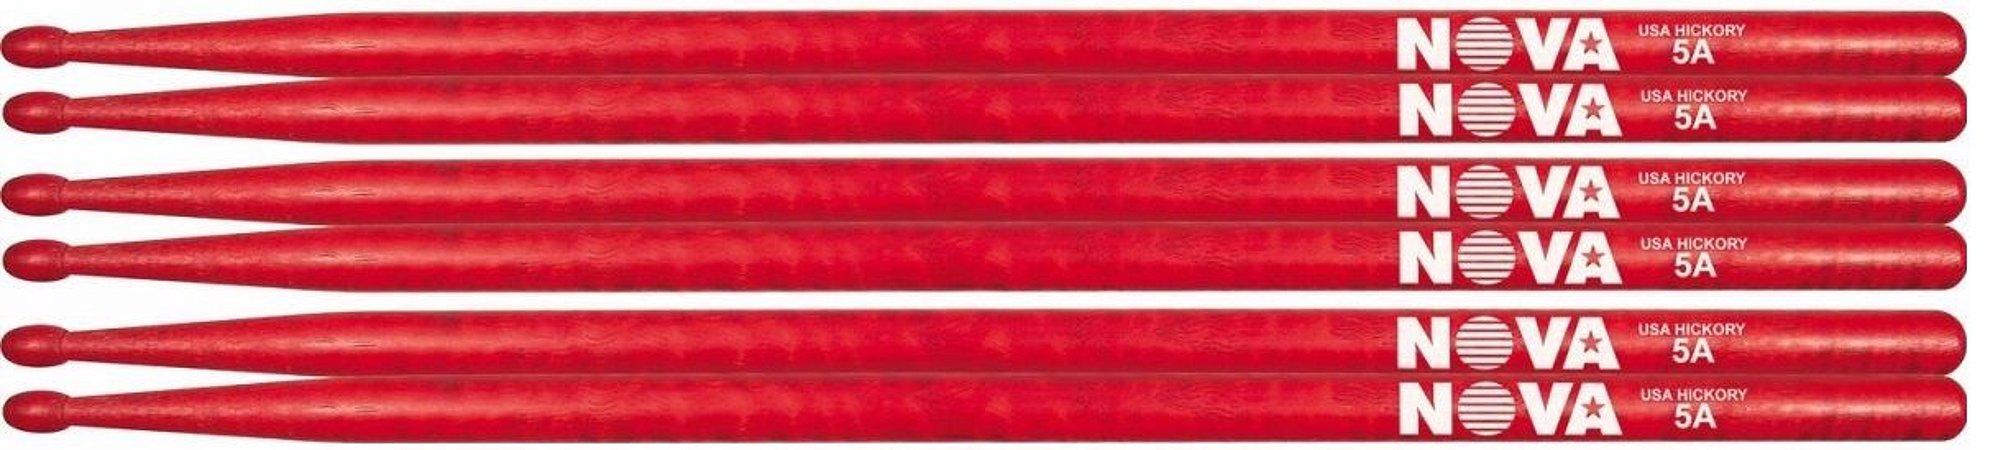 Kit Vic Firth Nova Vermelha 3 Pares de Baquetas 5a Ponta De Madeira 7367